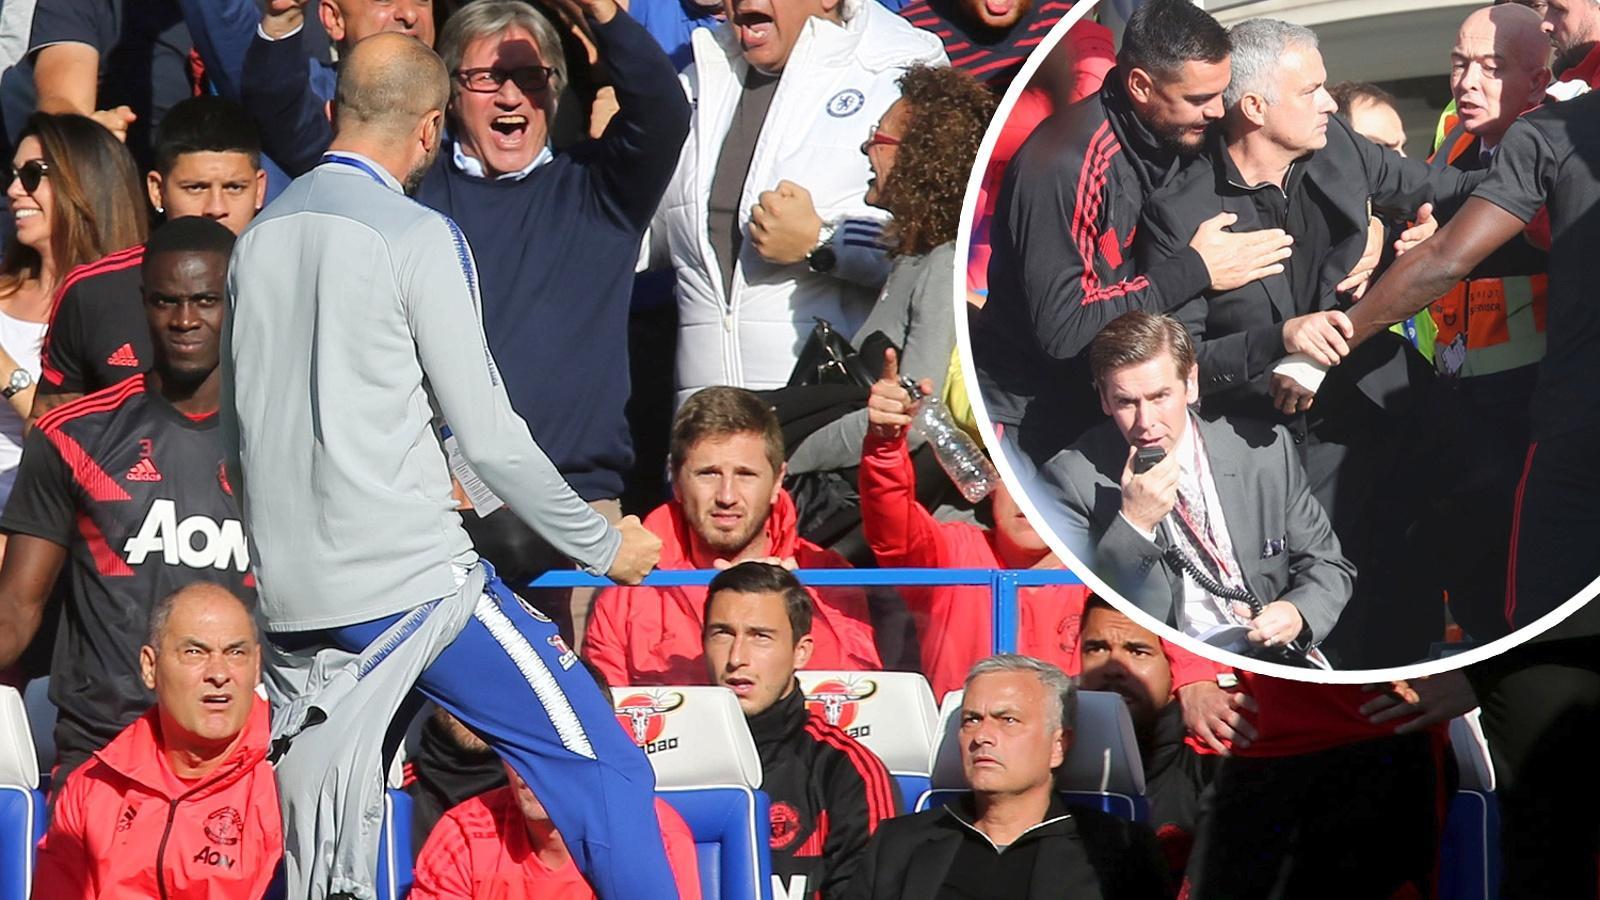 Pha ăn mừng của trợ lý Marco Ianni (quay lưng) đã khiến Mourinho nổi điên